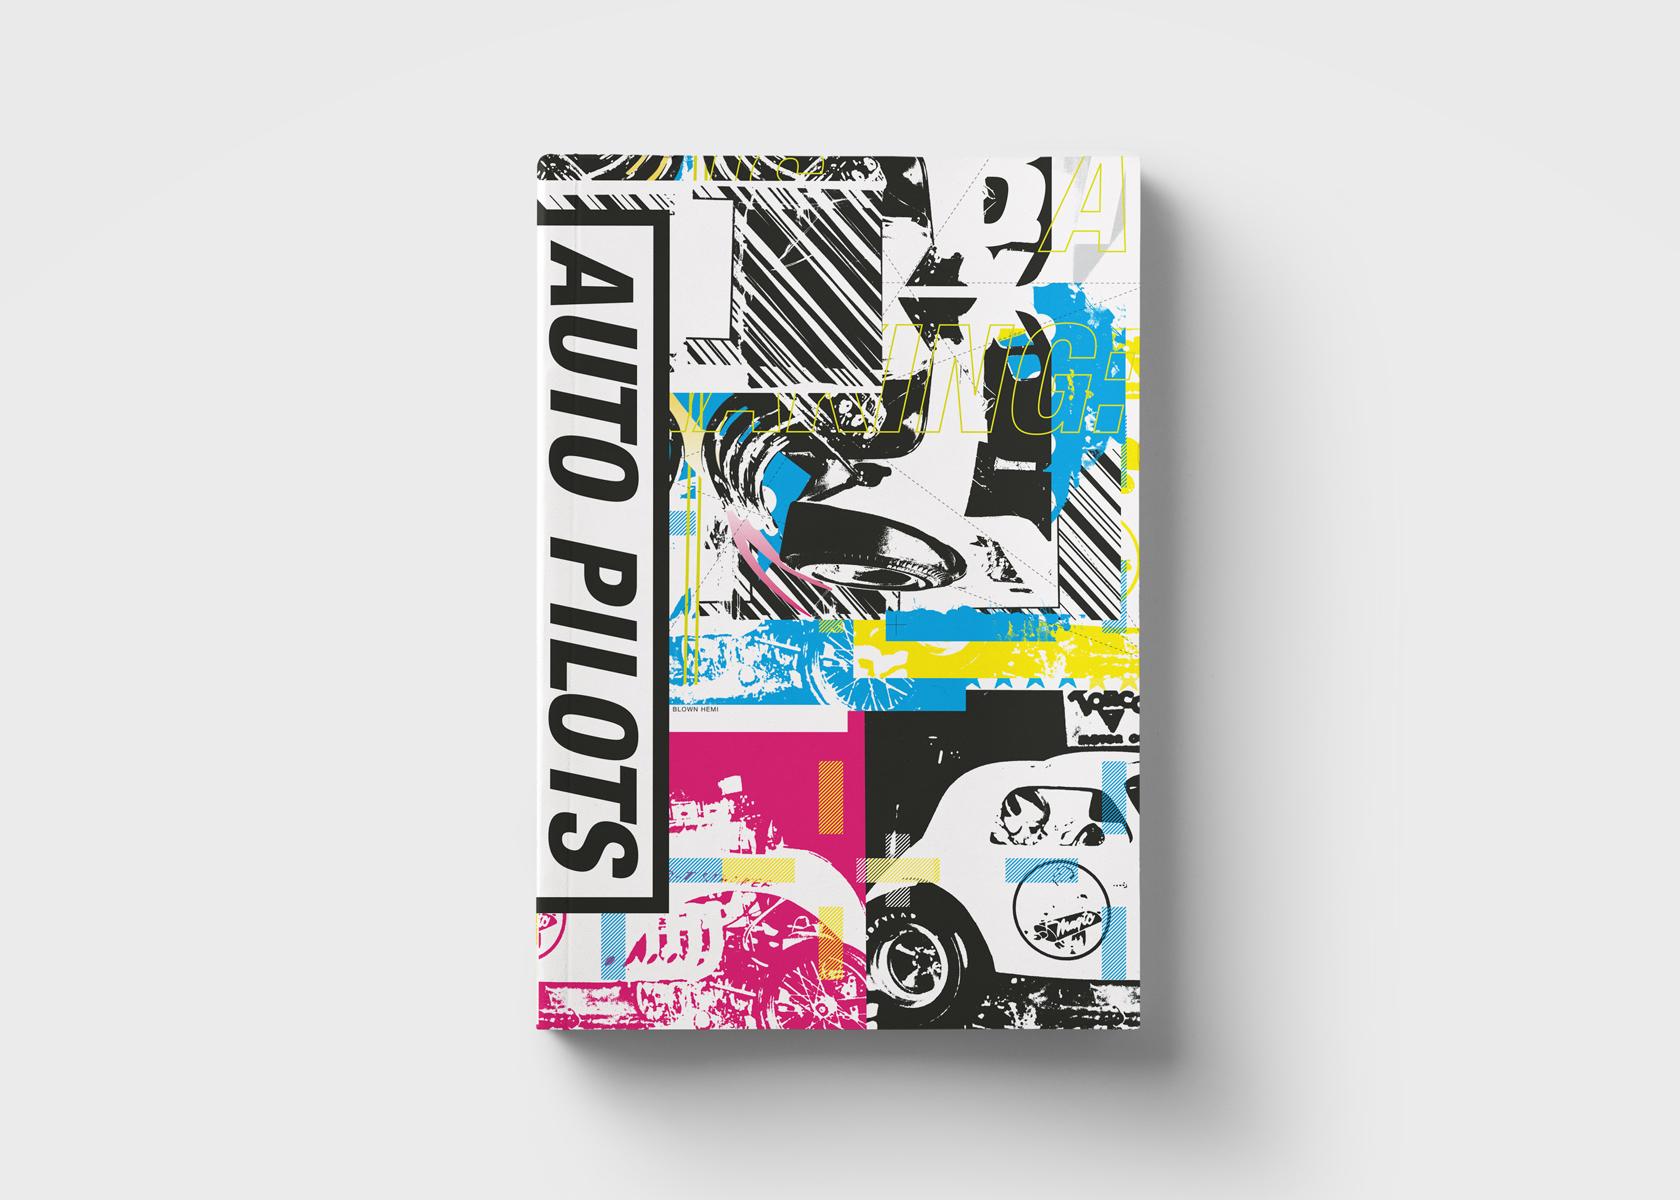 Auto_Pilots_Book_Cover_12Col